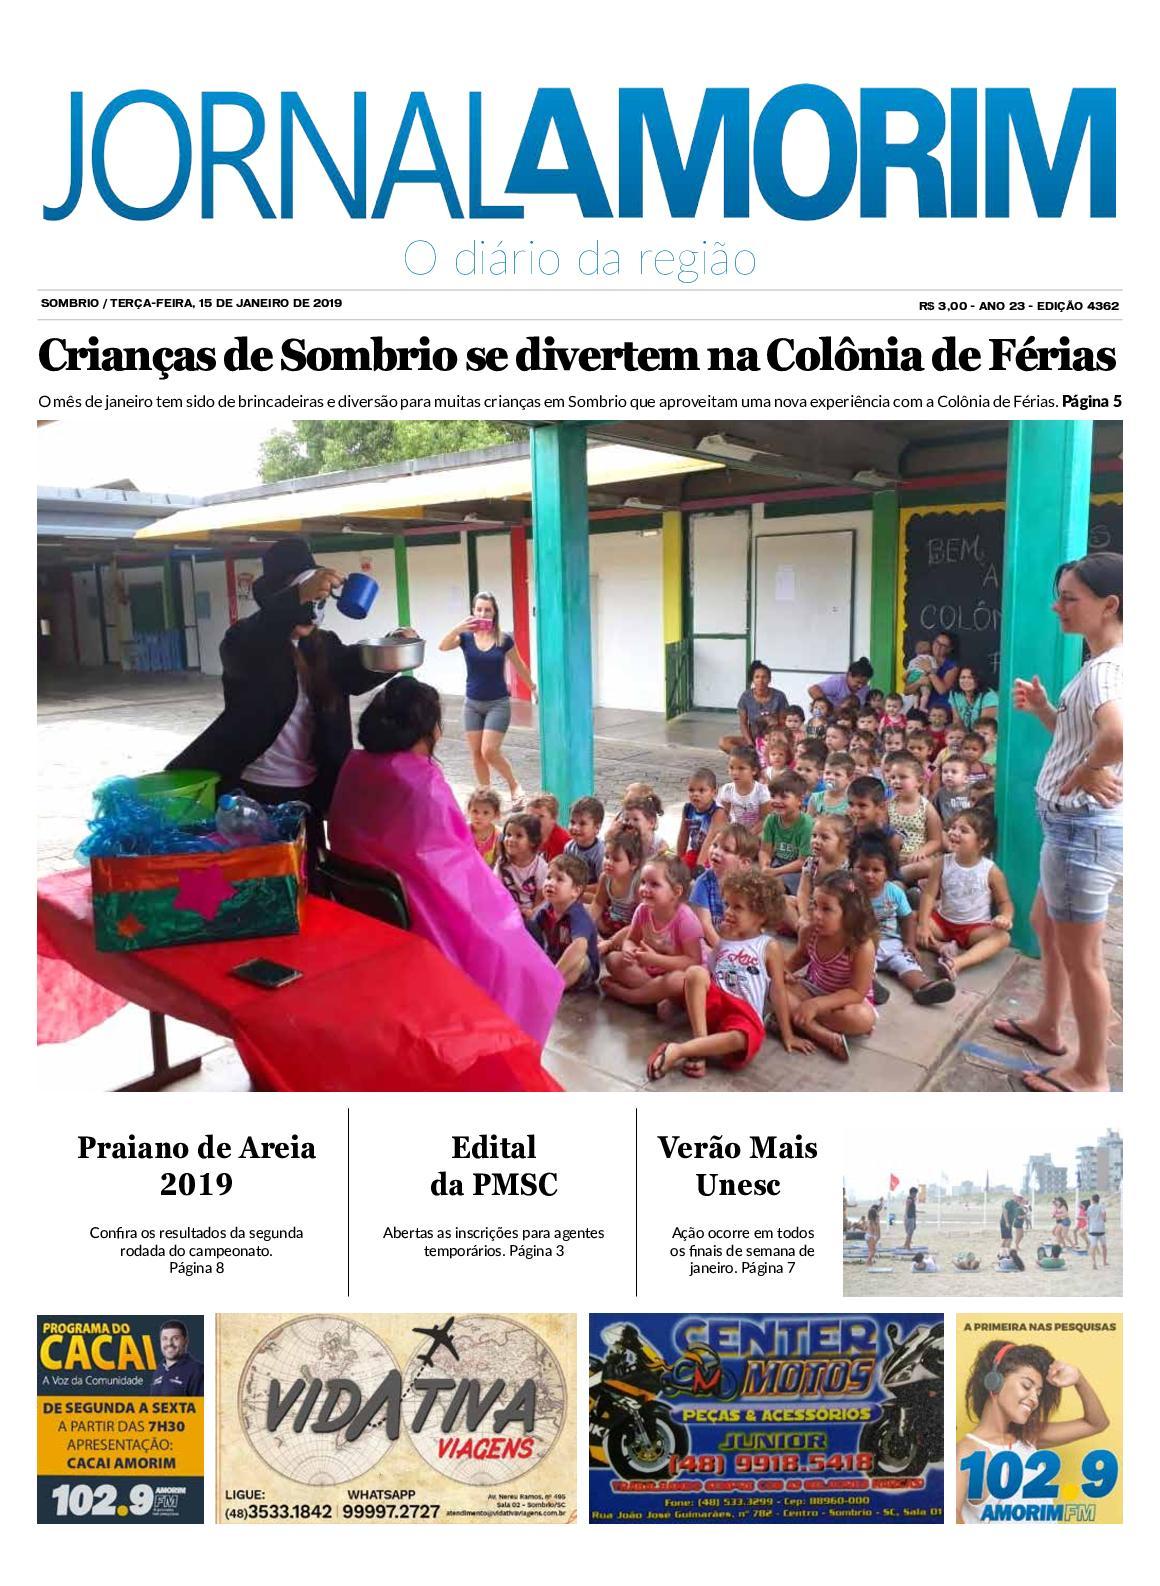 Jornal Amorim - 15 - 01 -19